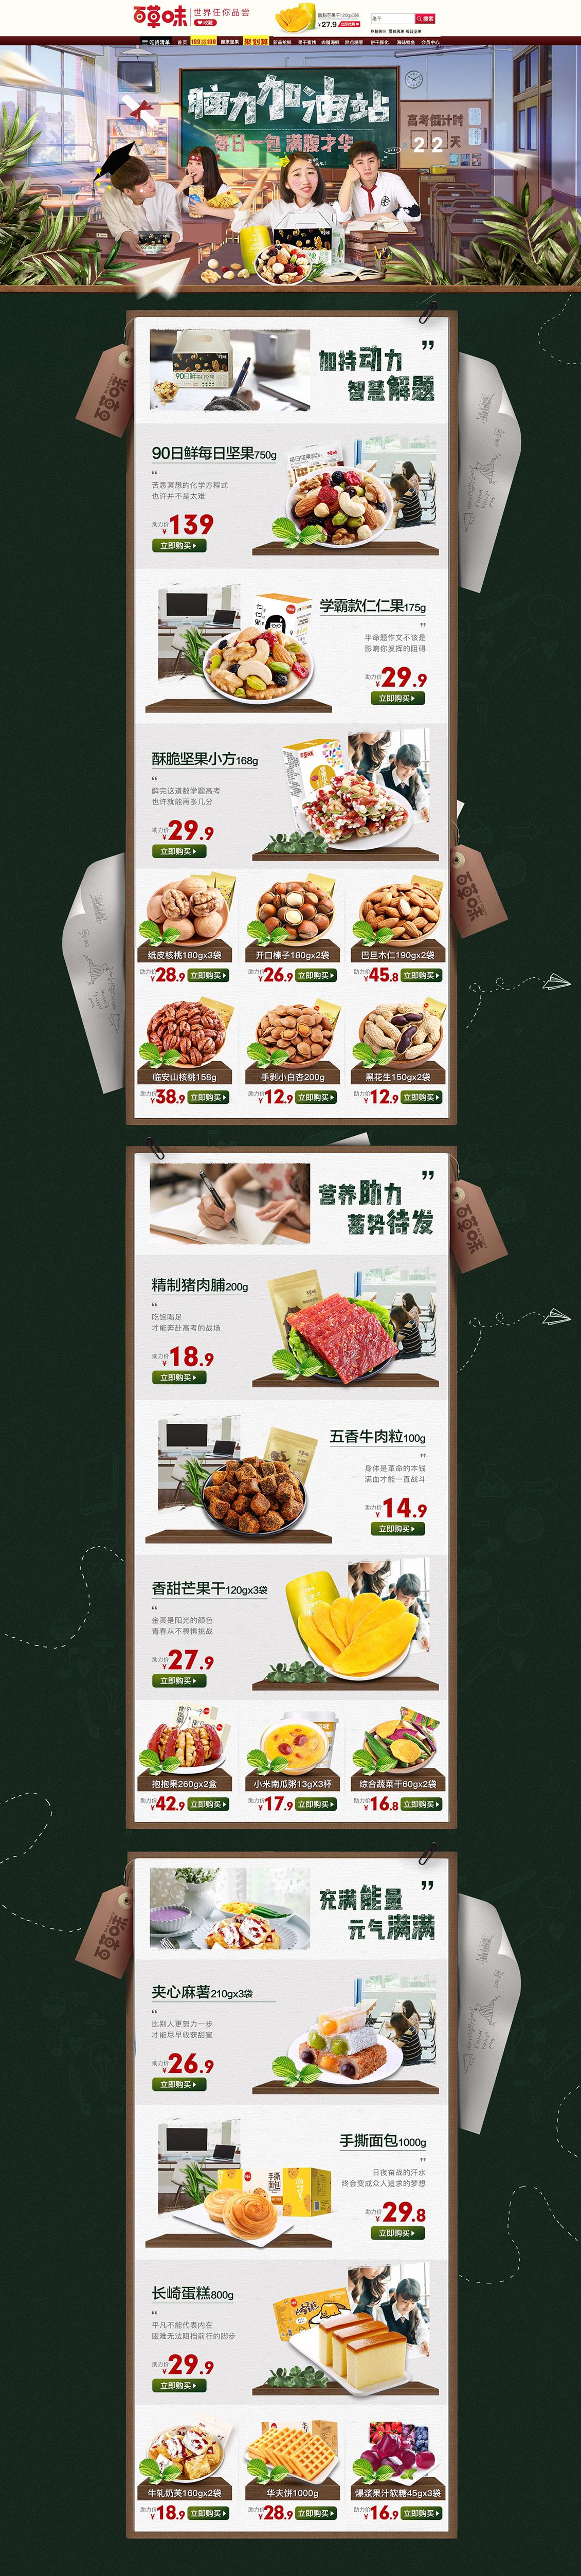 百草味 食品 零食 酒水 天猫首页活动专题网页设计